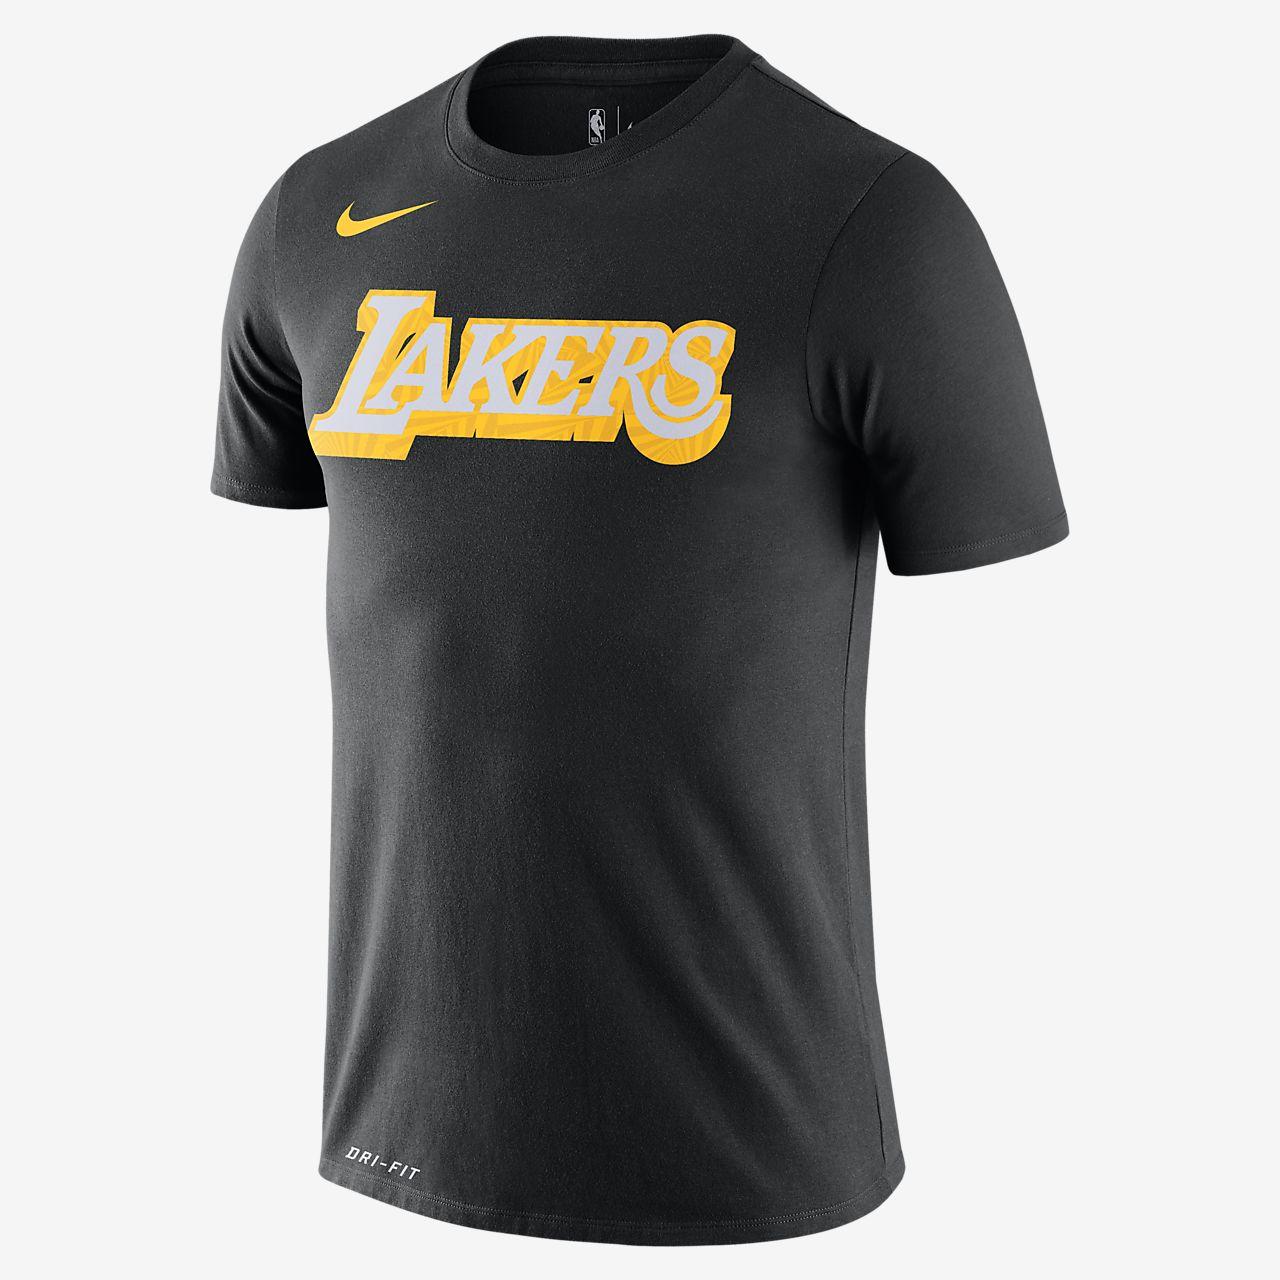 lakers t shirt nike